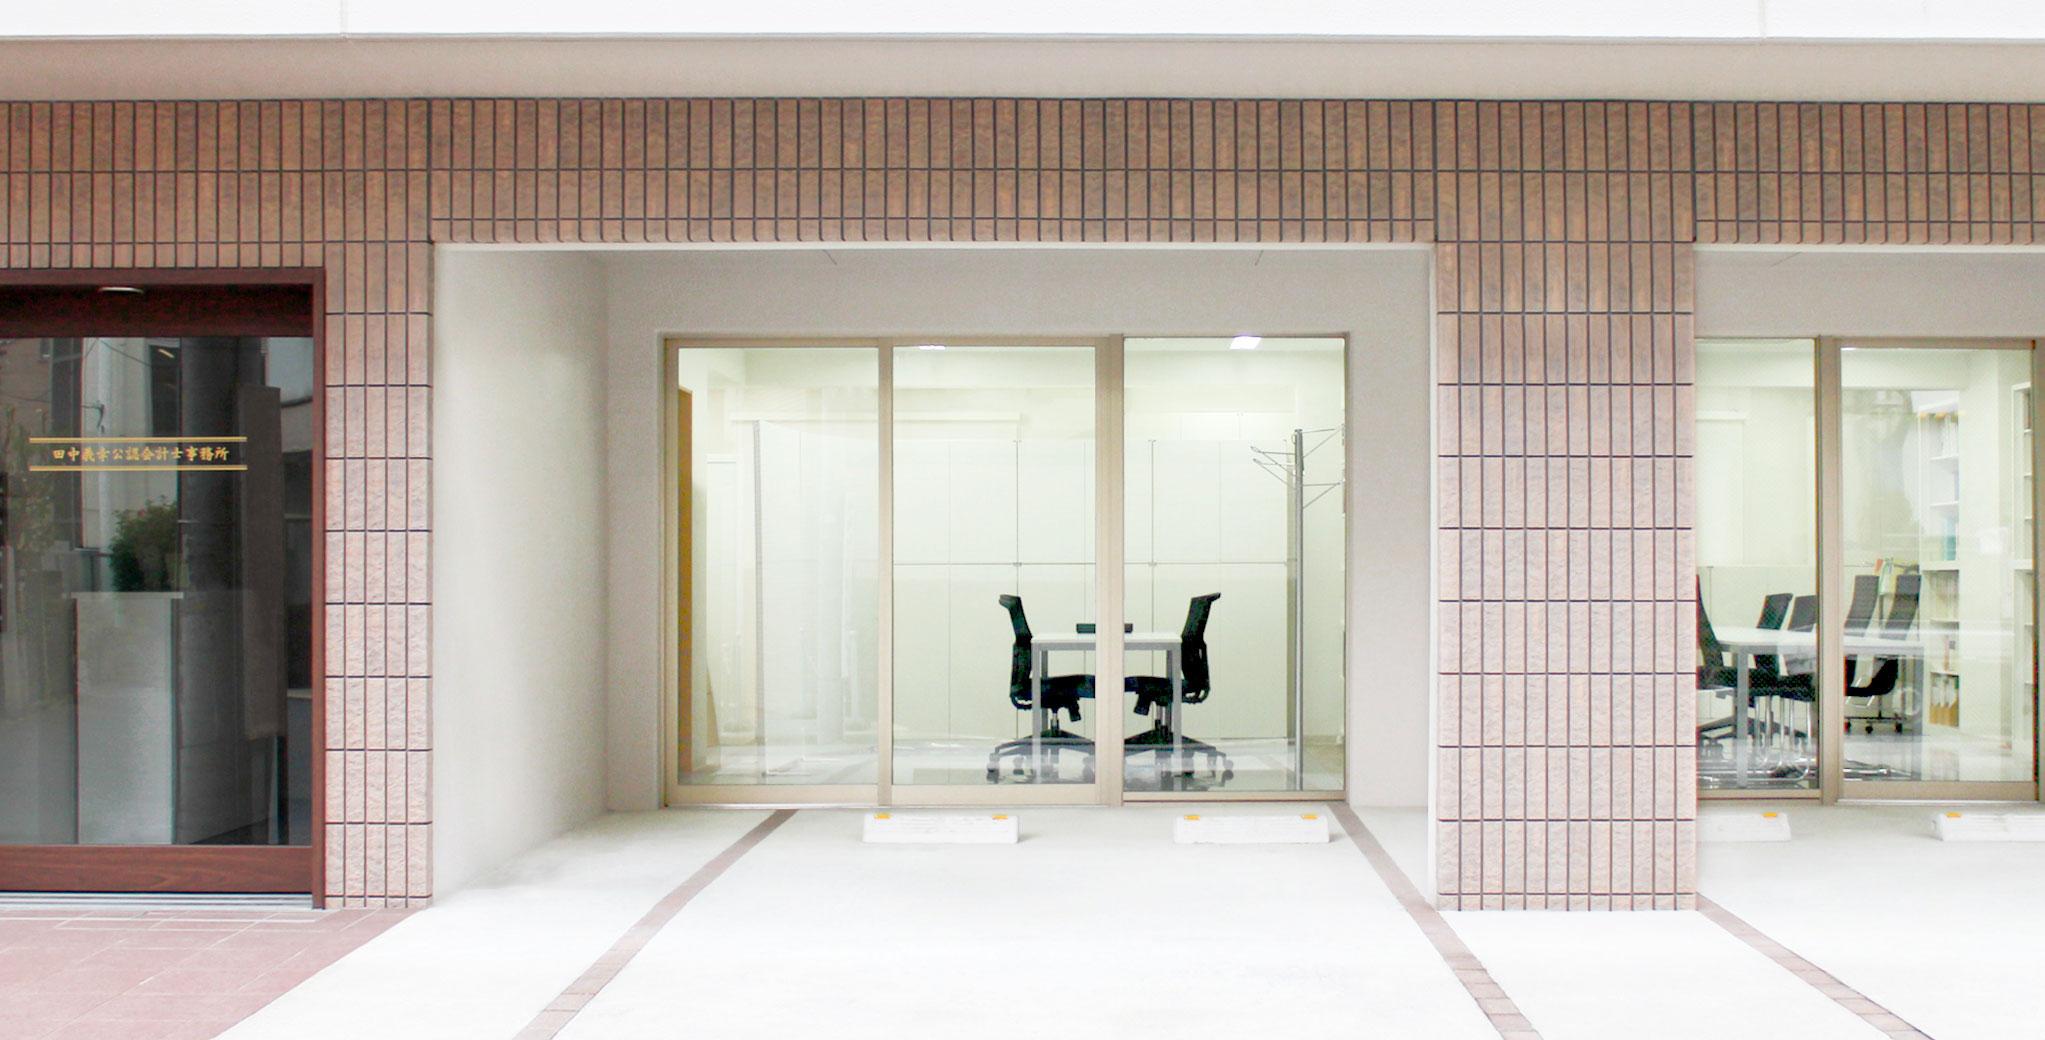 豊島区高田馬場にある会計事務所